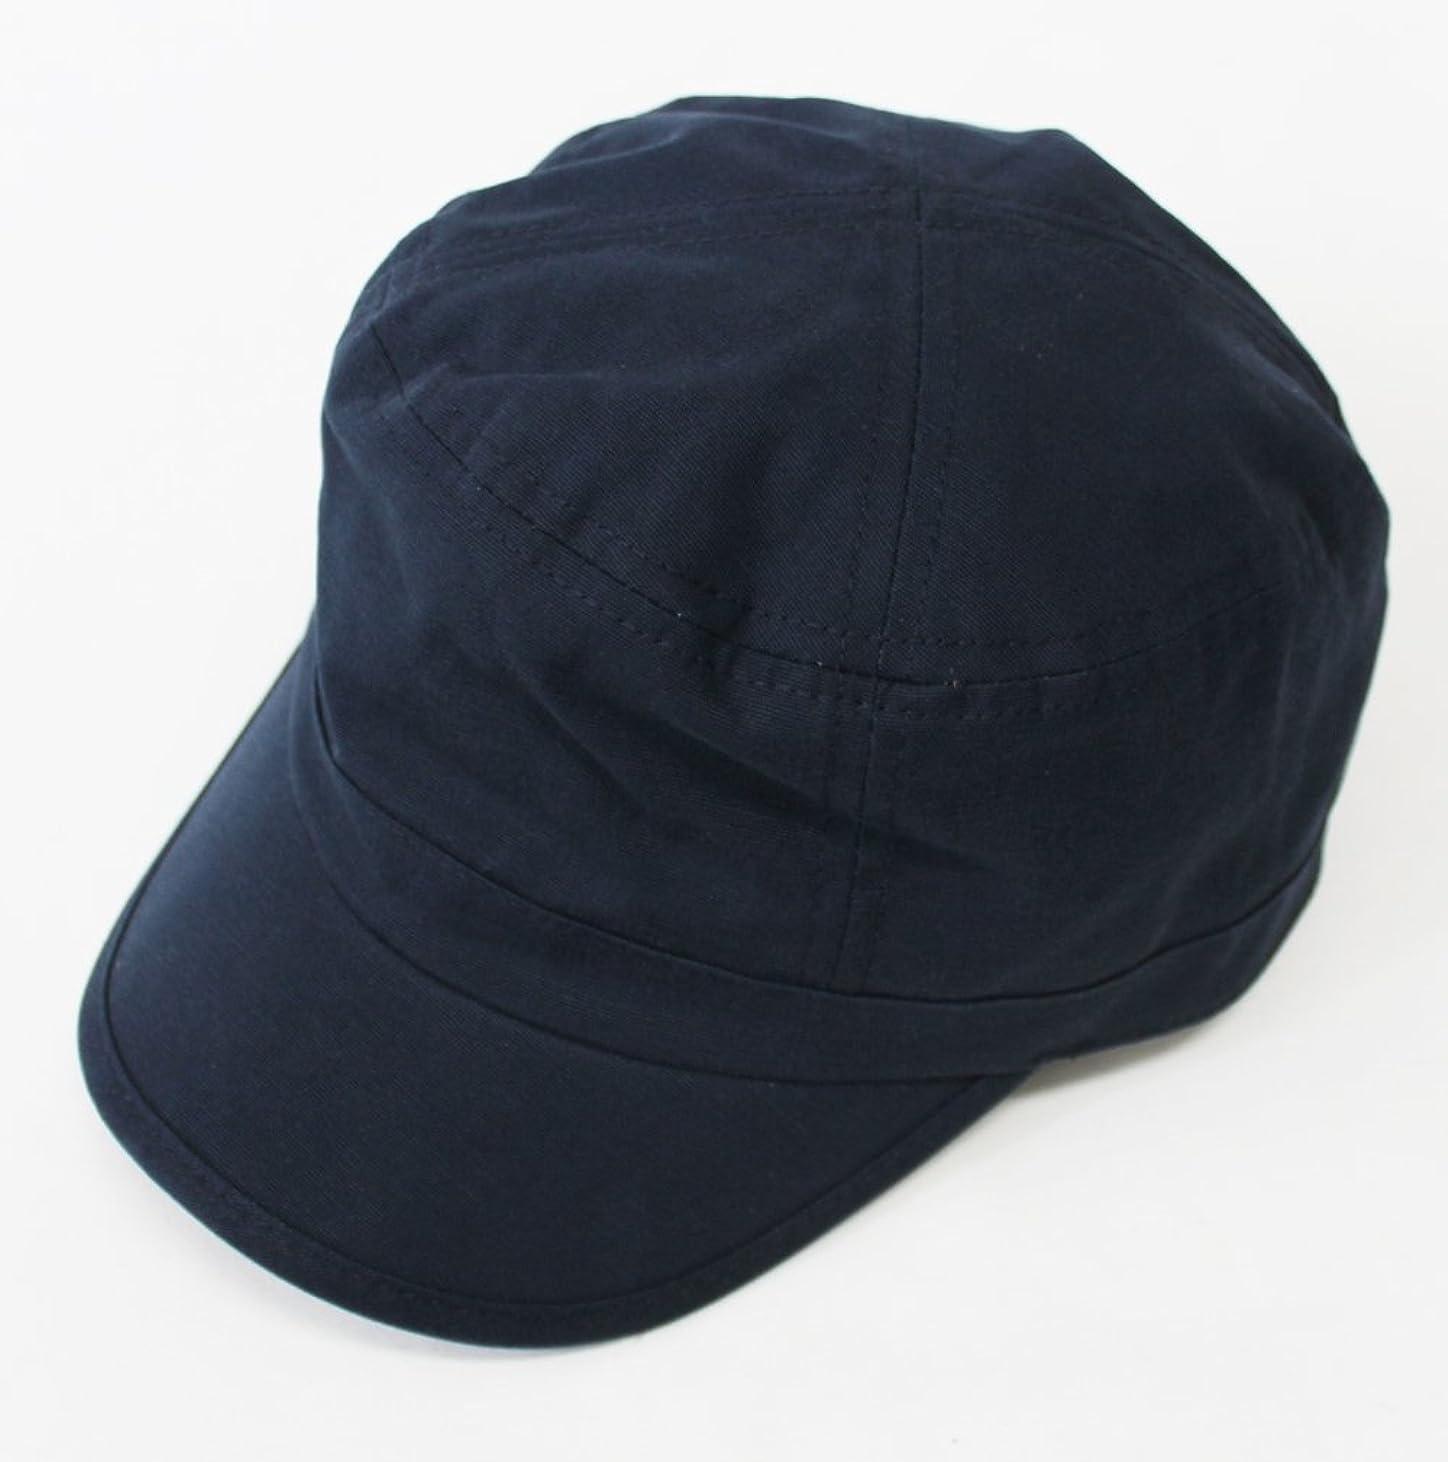 急いでテクスチャー褒賞[ワントゥーテンピープル]帽子 キャンバス ソリッドワークキャップ メンズ レディース